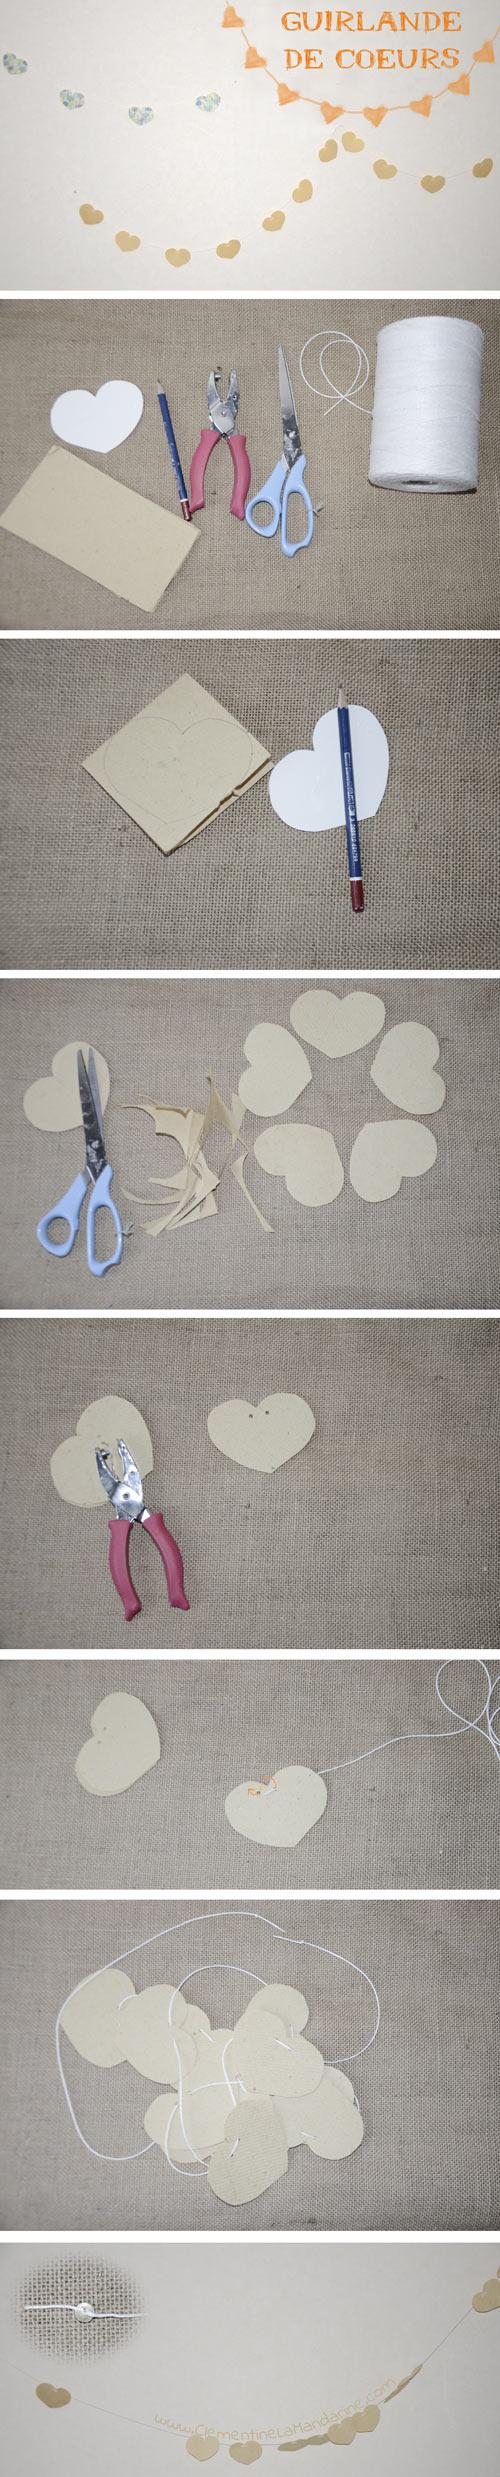 tutoriel guirlande de coeurs en papier